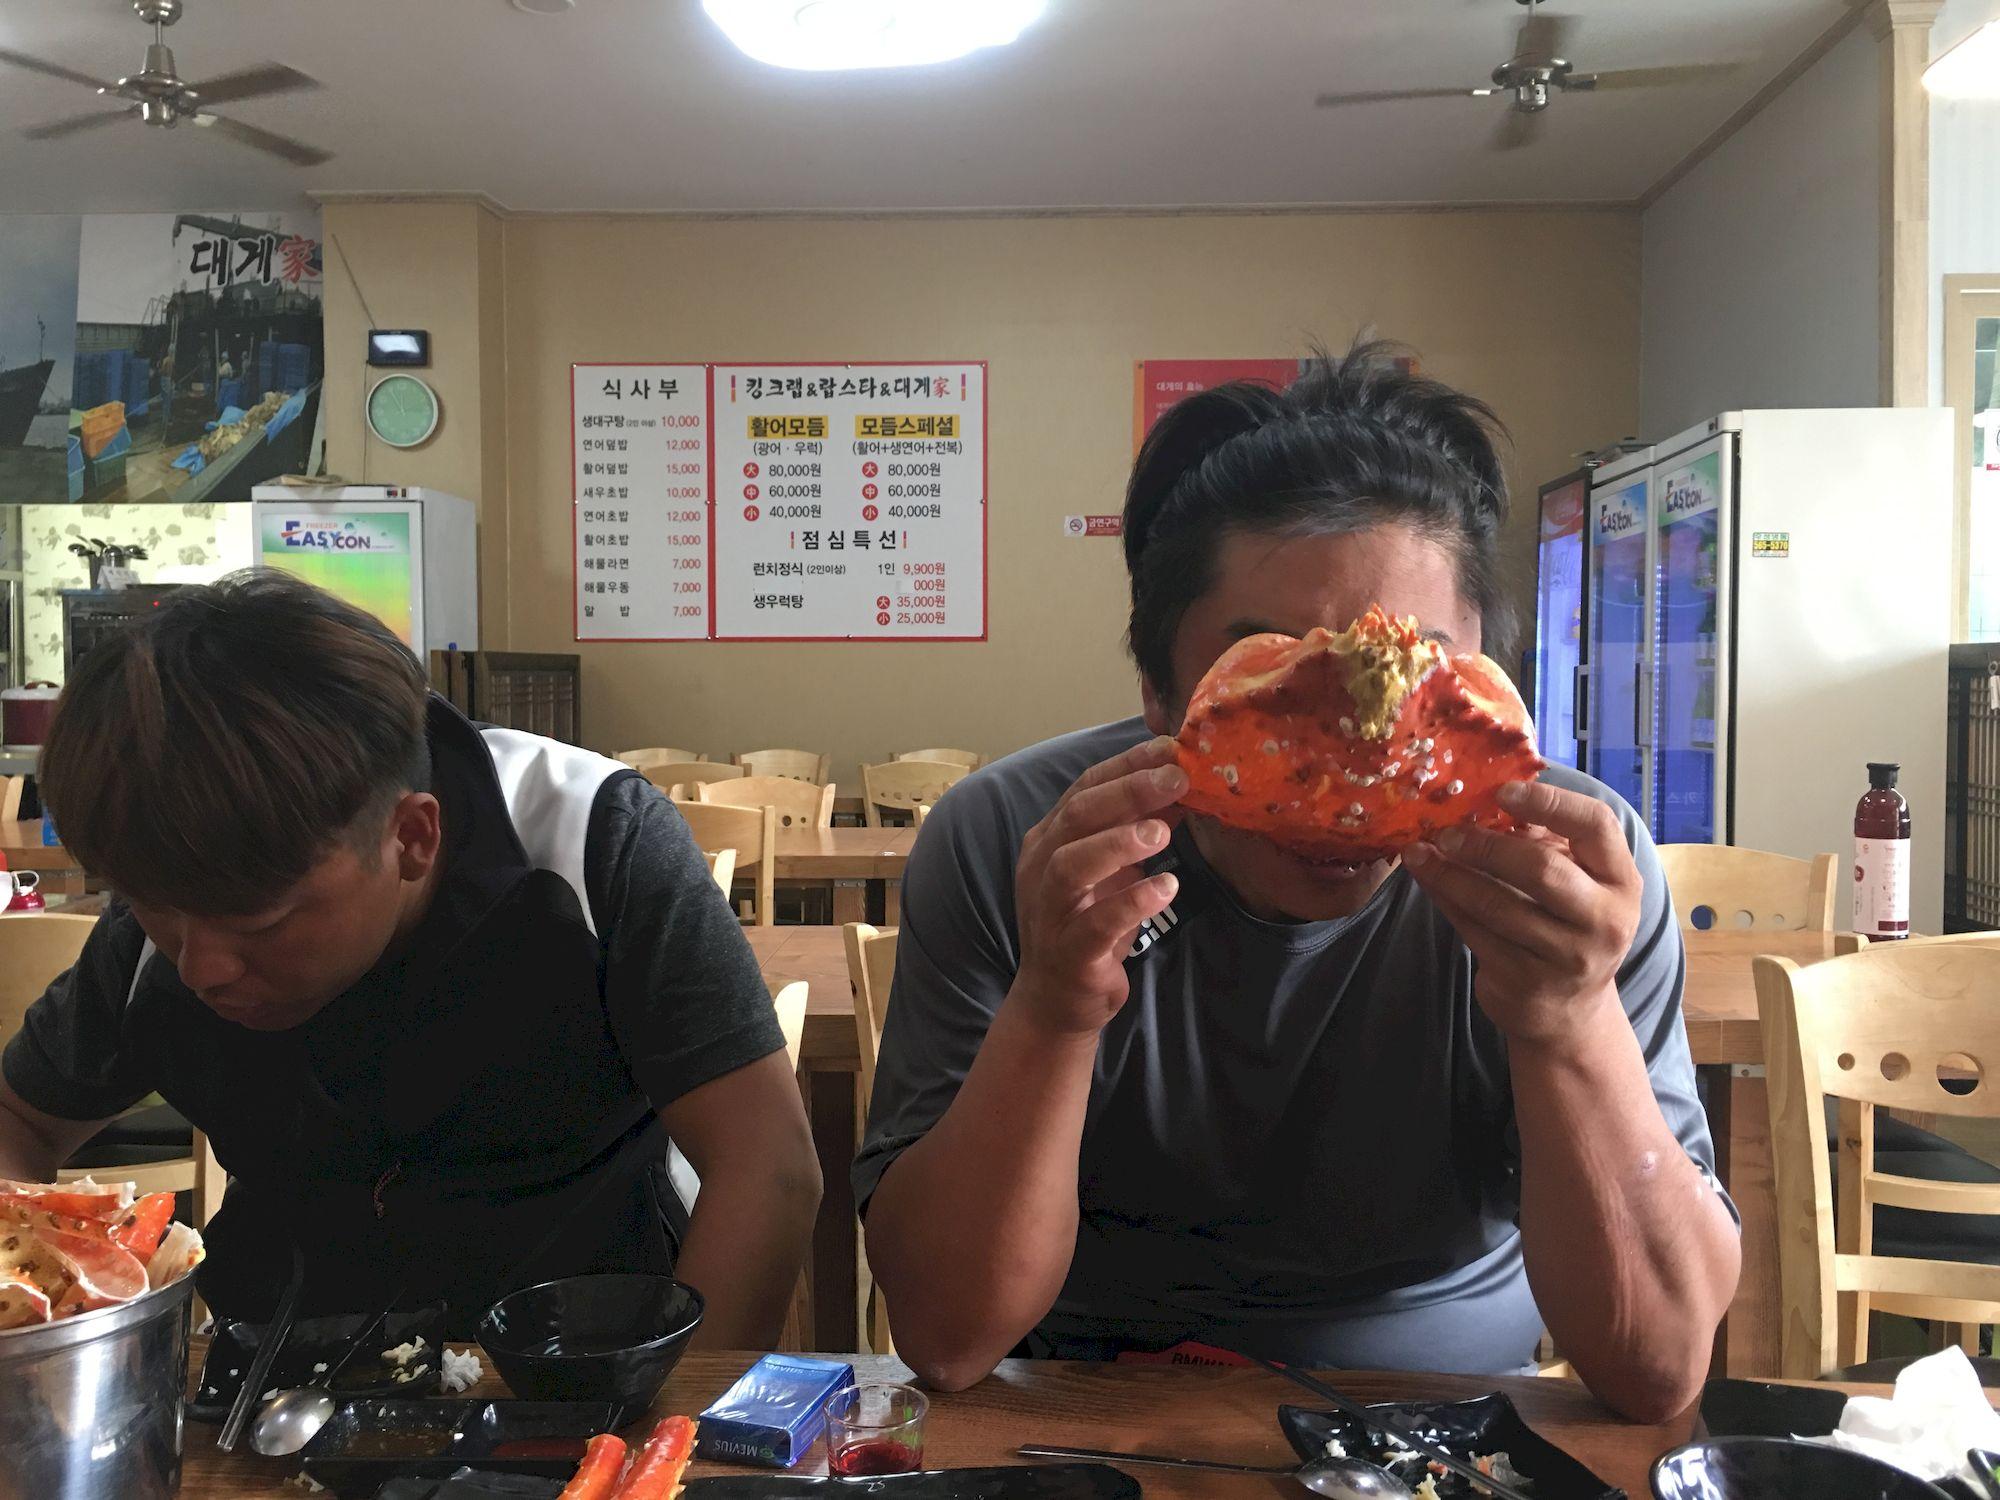 026-IMG_3237_千帆俱乐部我要航海网帆船队-2016威海-仁川国际帆船赛.JPG